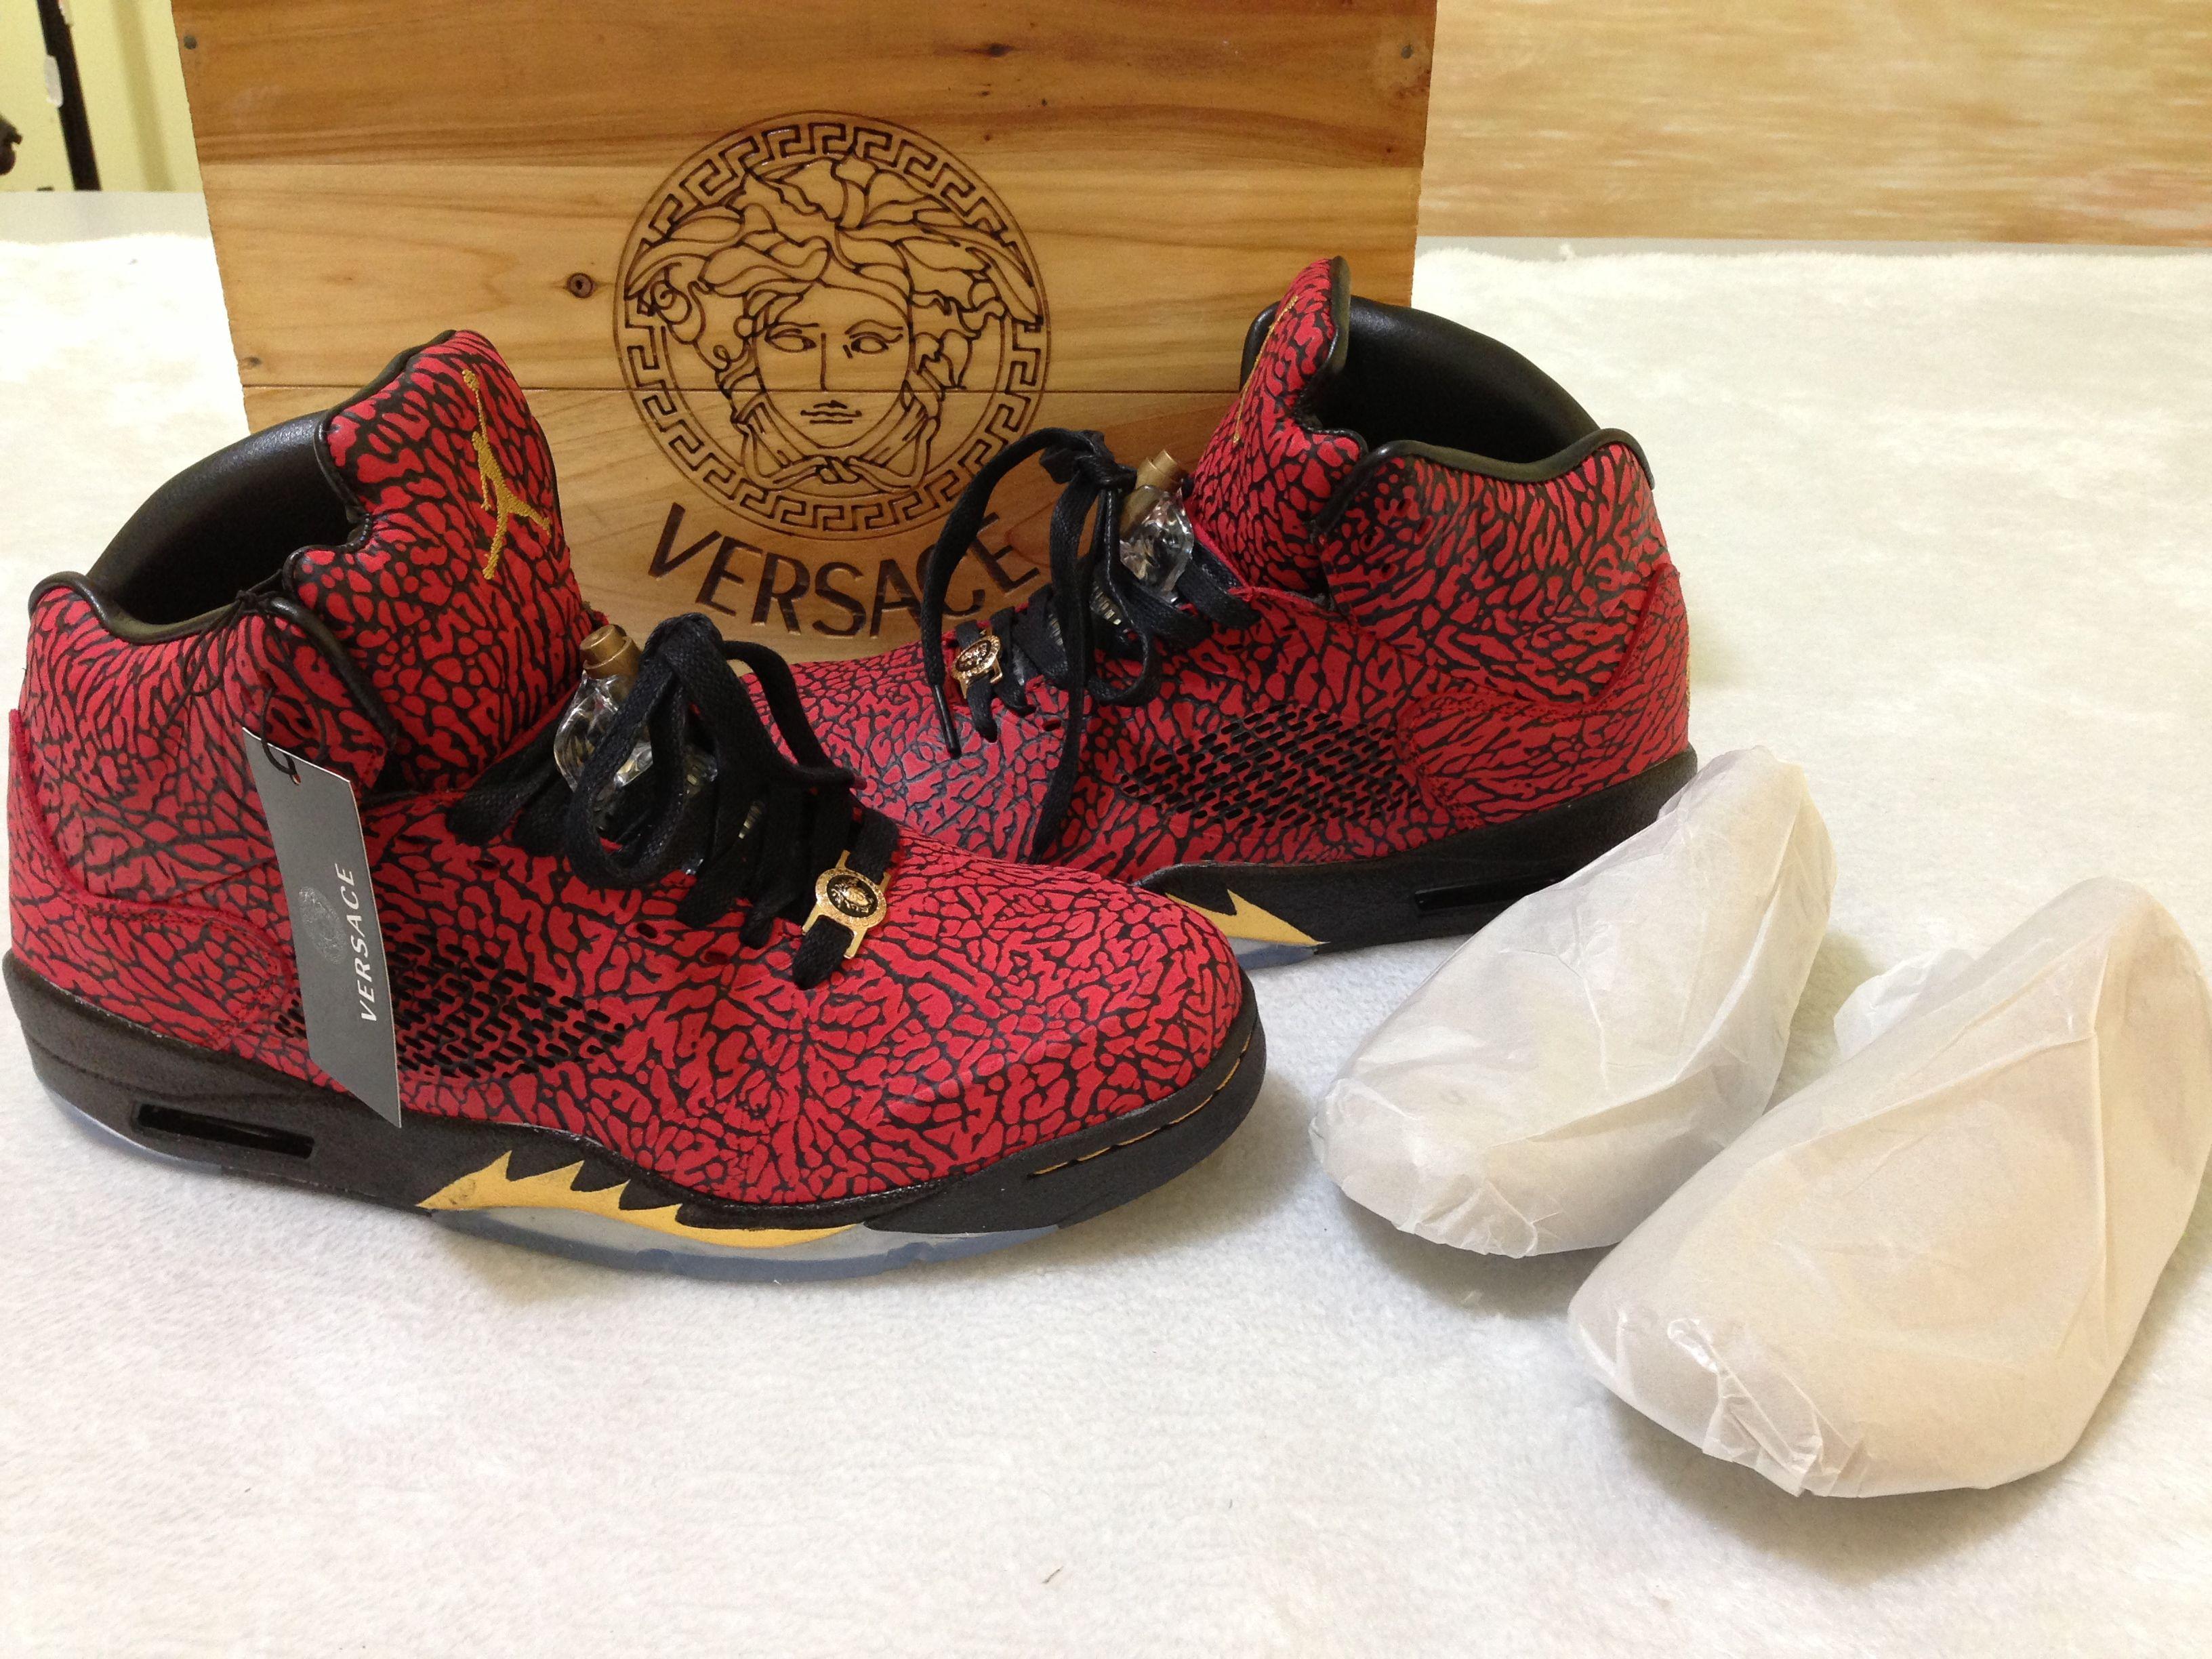 Versace Sneakers Jordans 1st look at the...